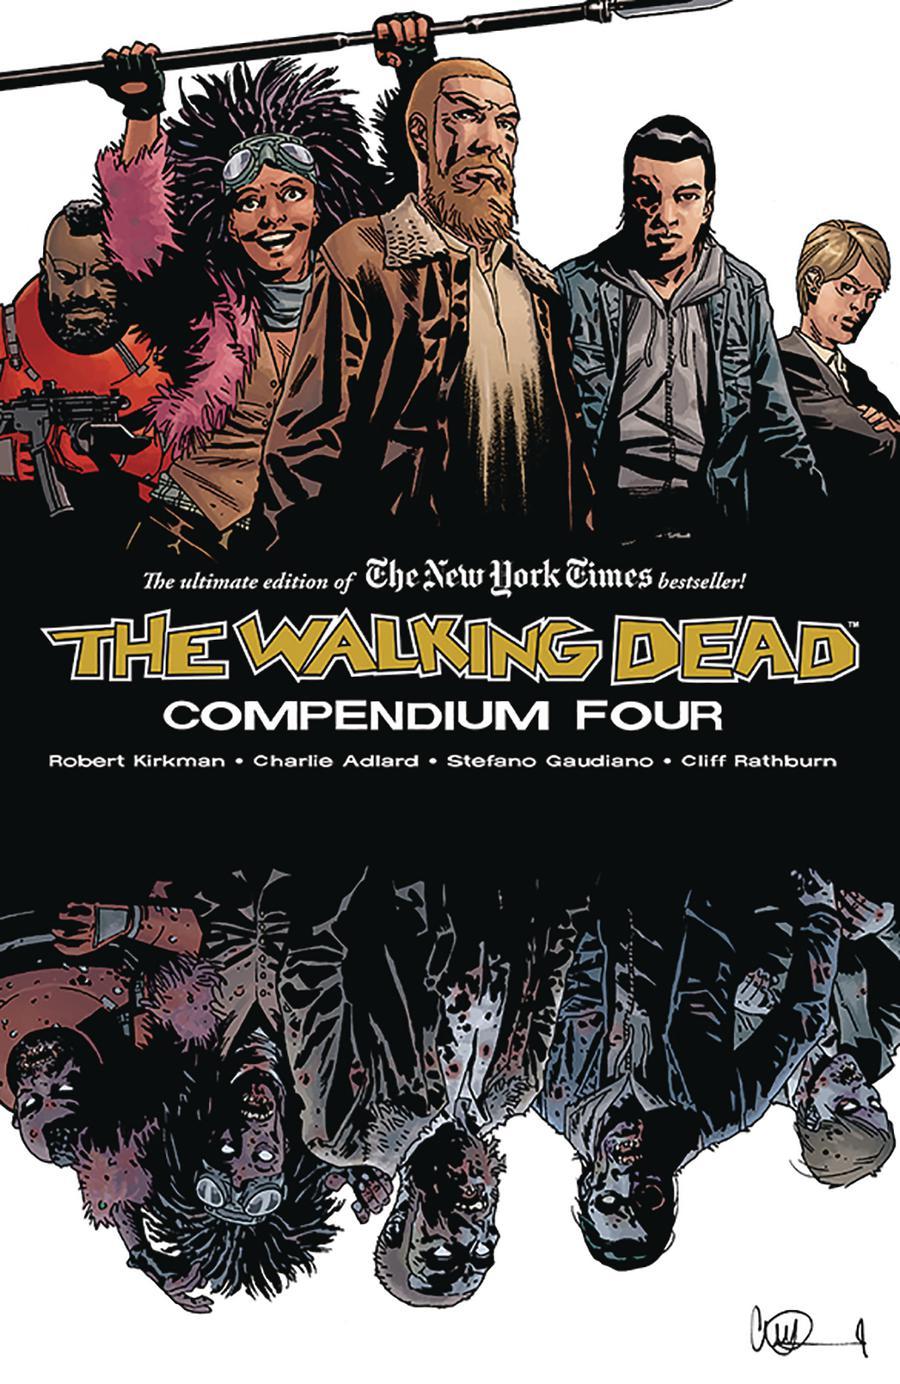 Walking Dead Compendium Vol 4 TP